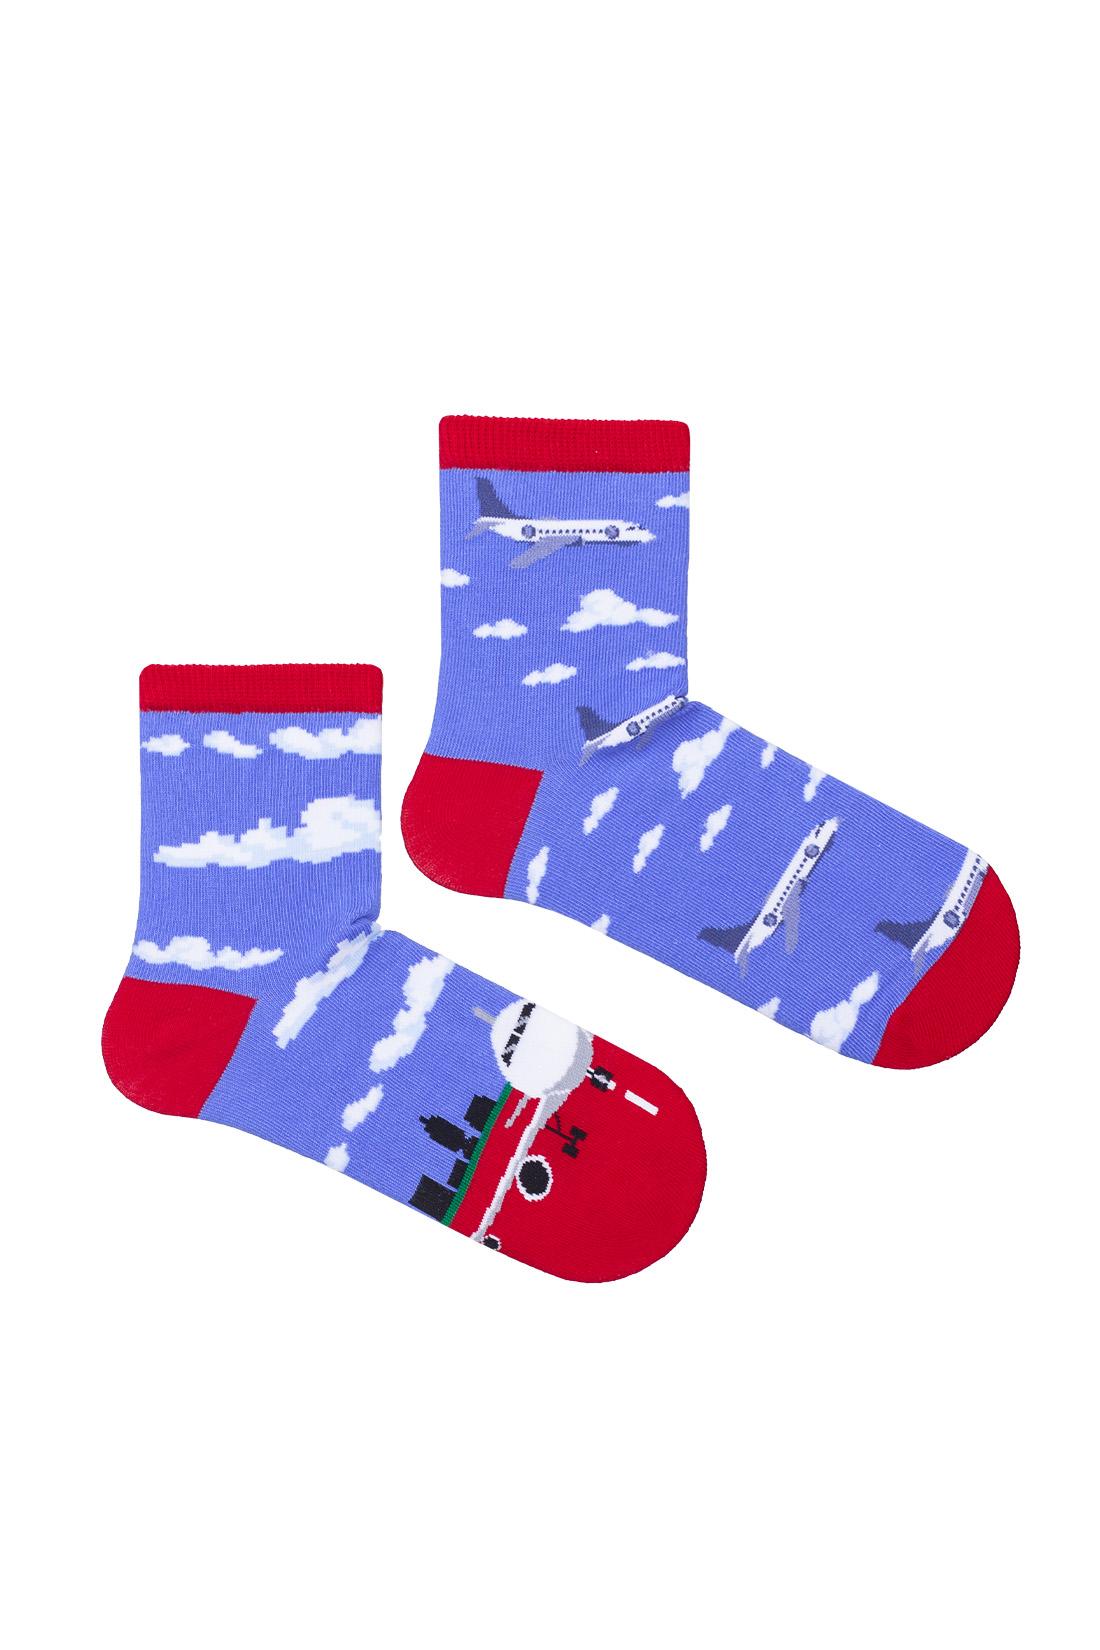 Kolorowe skarpetki dziecięce niebieskie z czerwonym wykończeniem, dwie różne na jednej duży samolot na pasie startowym w otoczeniu budynków ,trawy i chmur, na drugiej samoloty w powietrzu w otoczeniu chmur